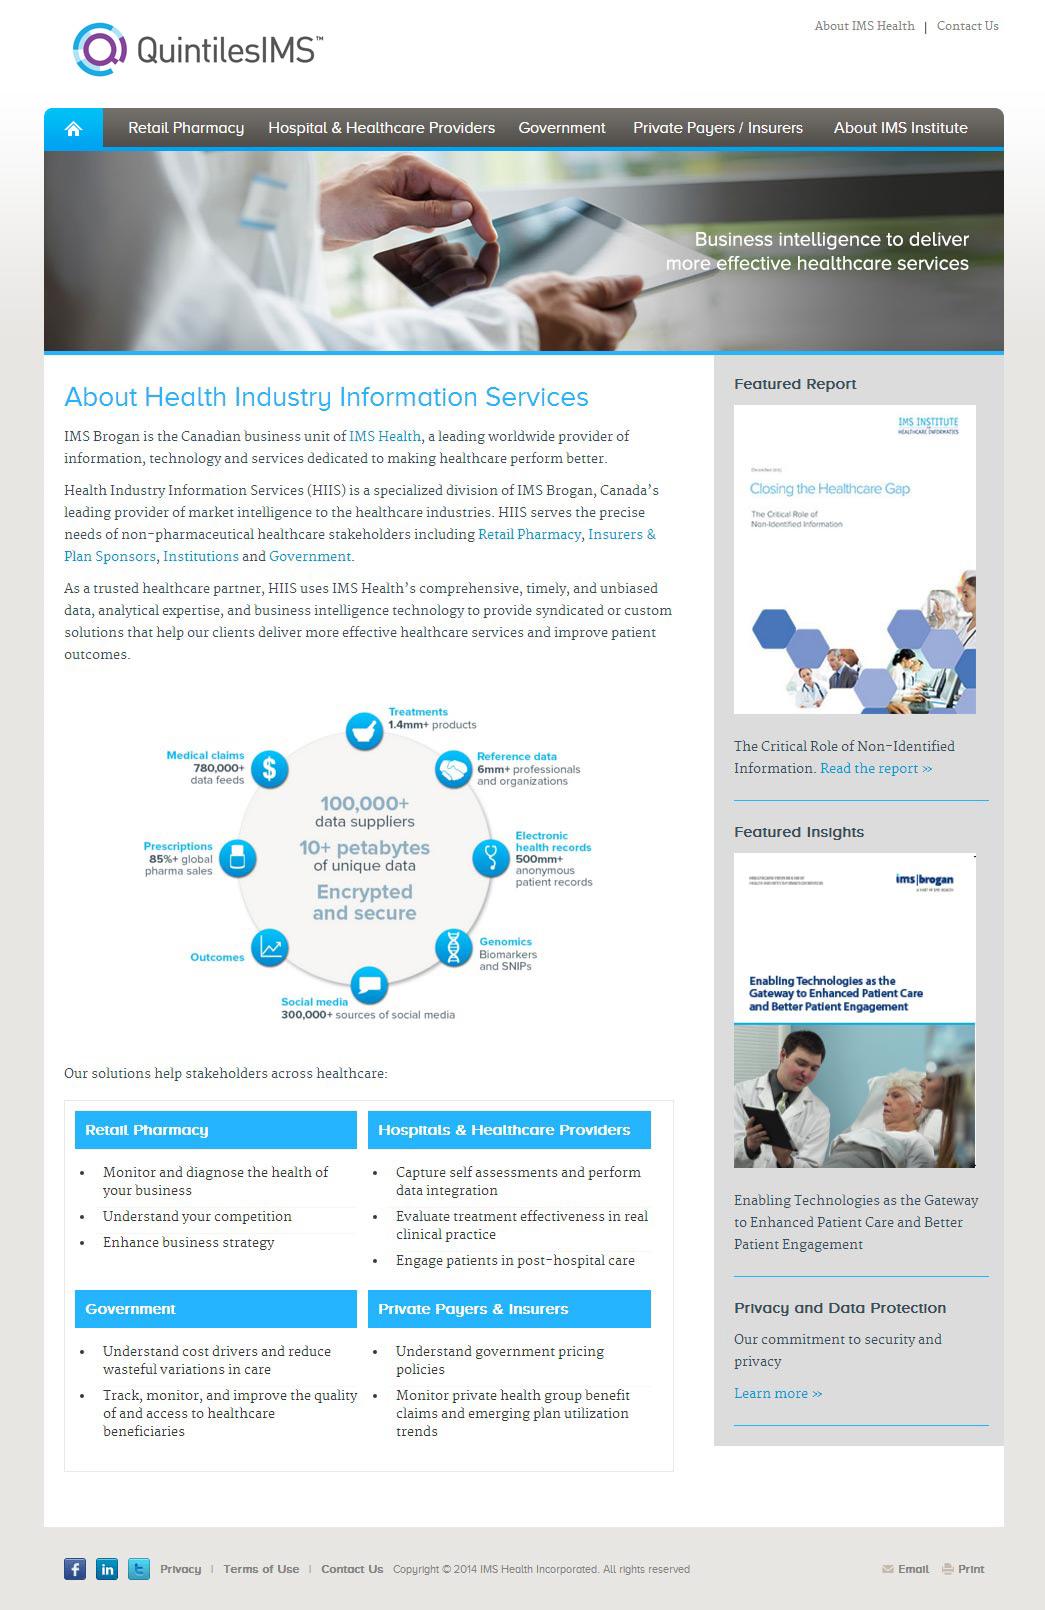 Quintiles IMS HIIS Website